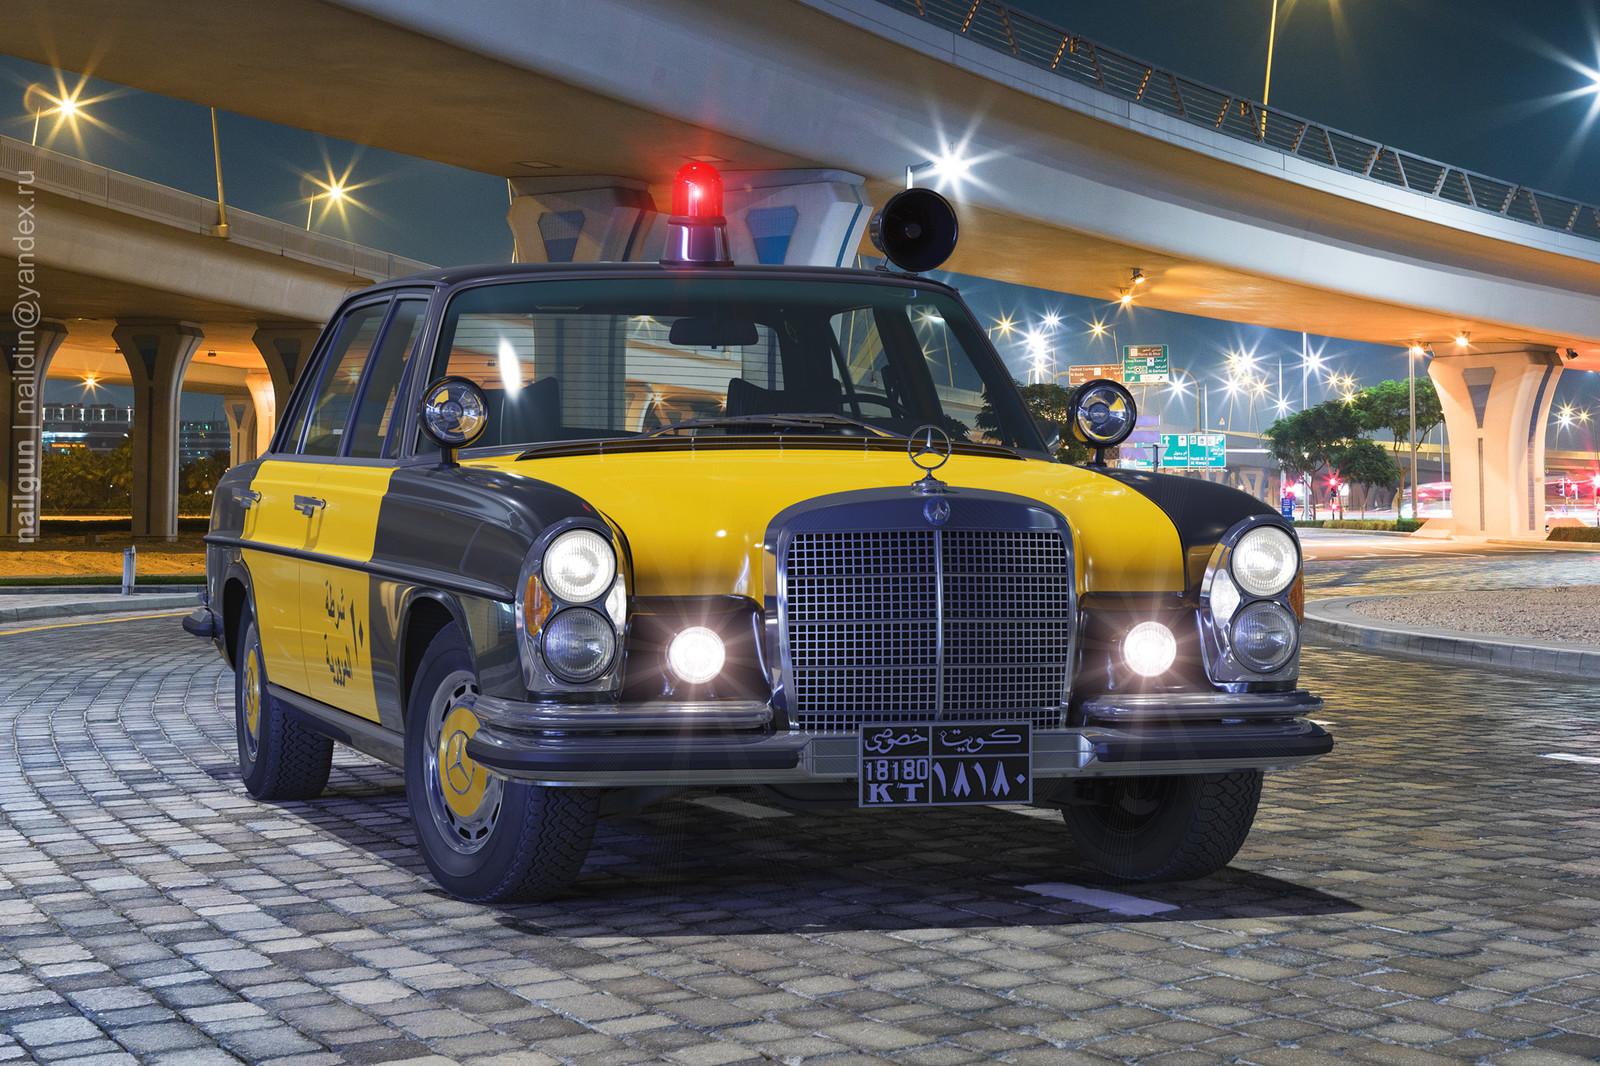 Police Kuwait